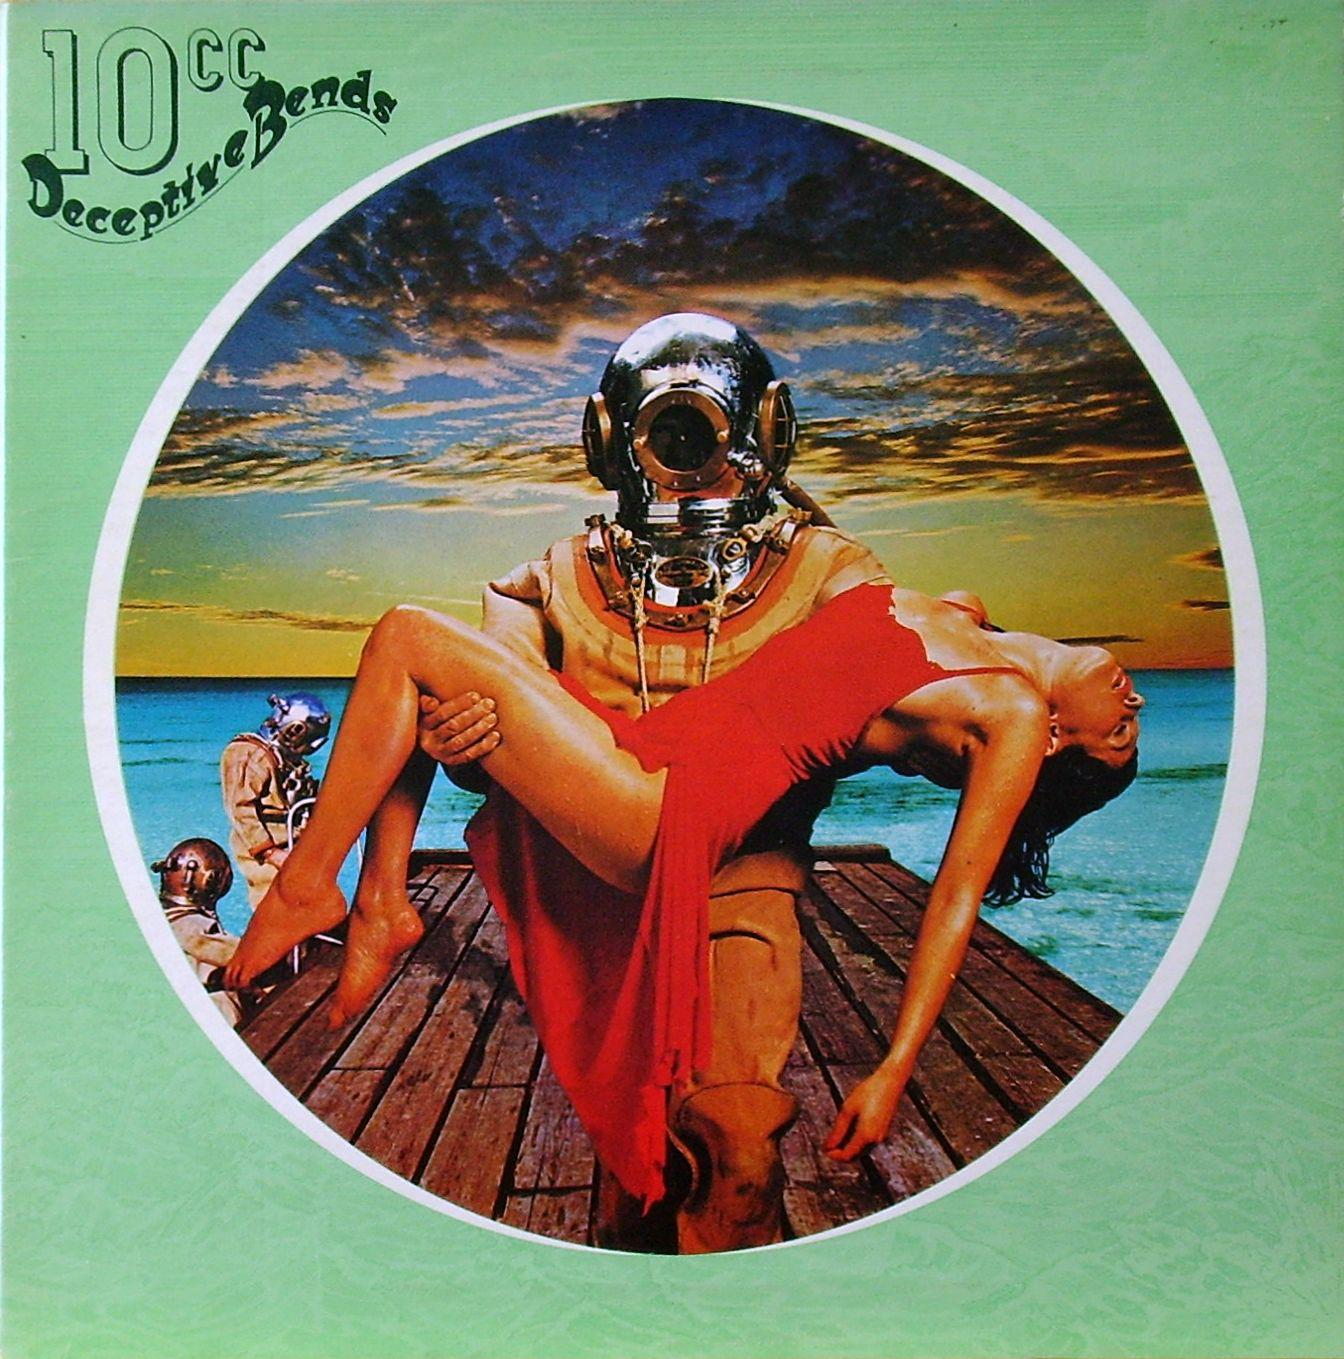 конверт-оригинал-10сс-1977 лп